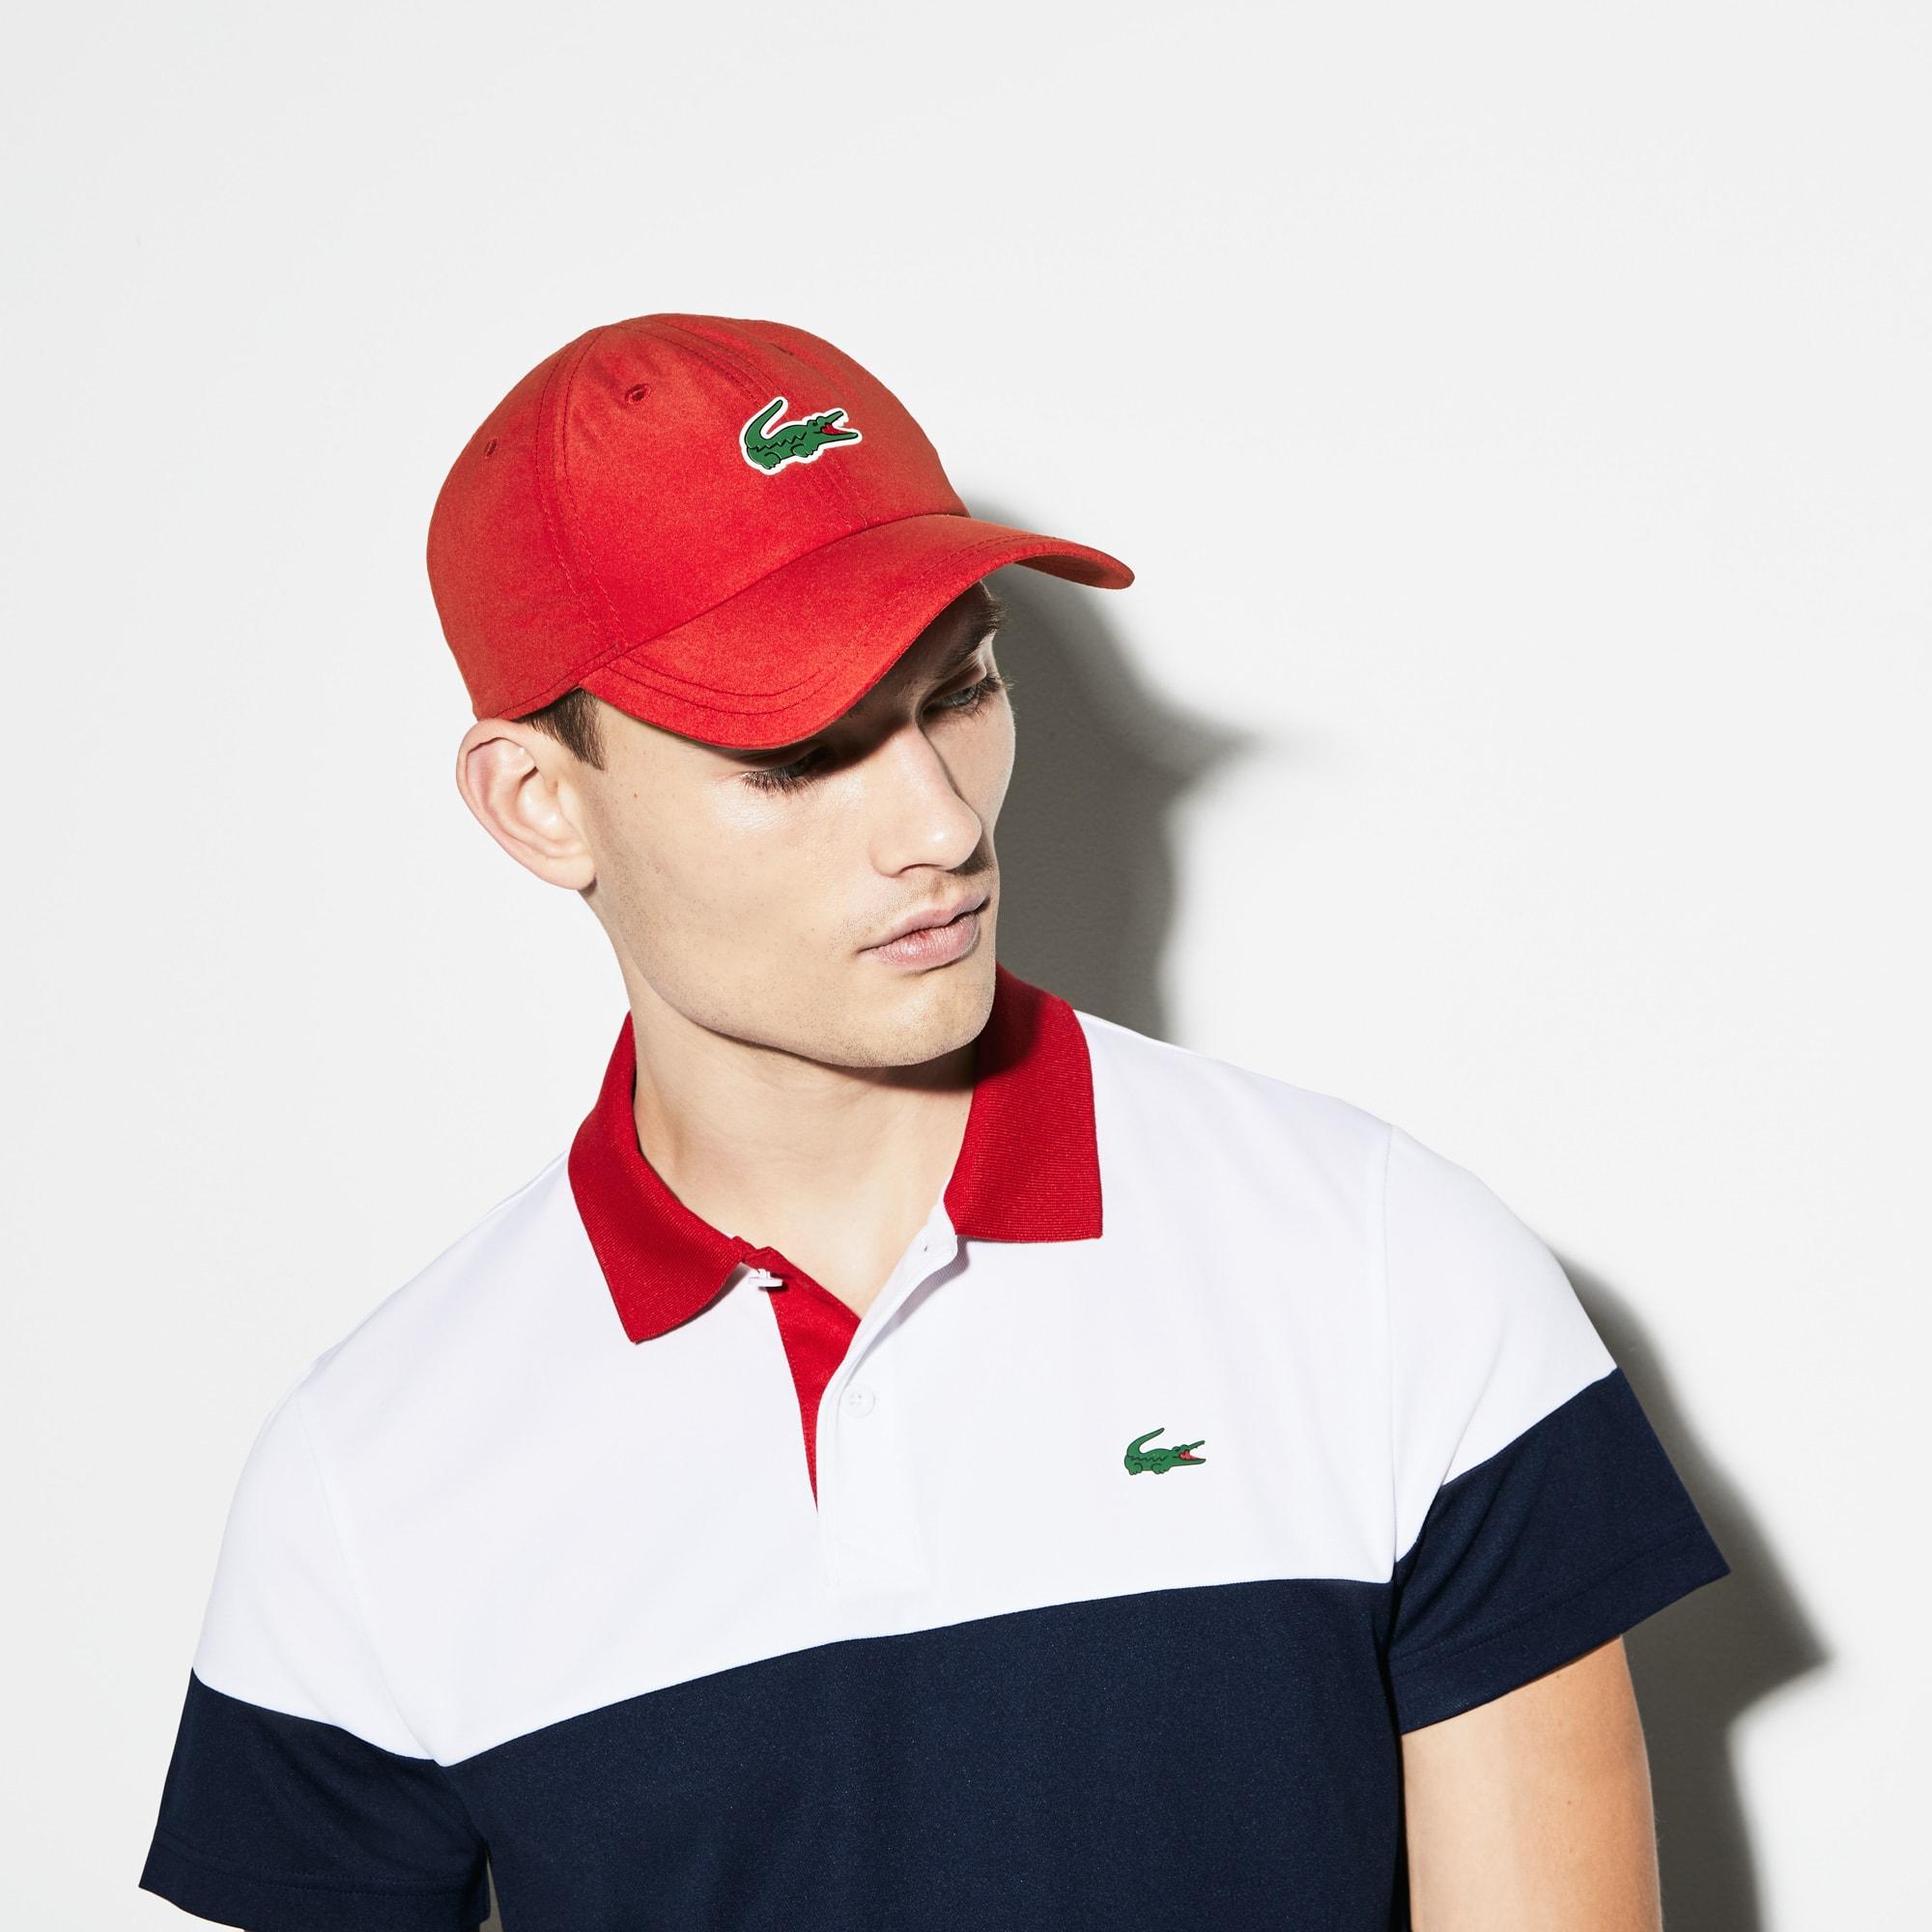 073288e21366a Men s Caps and Hats